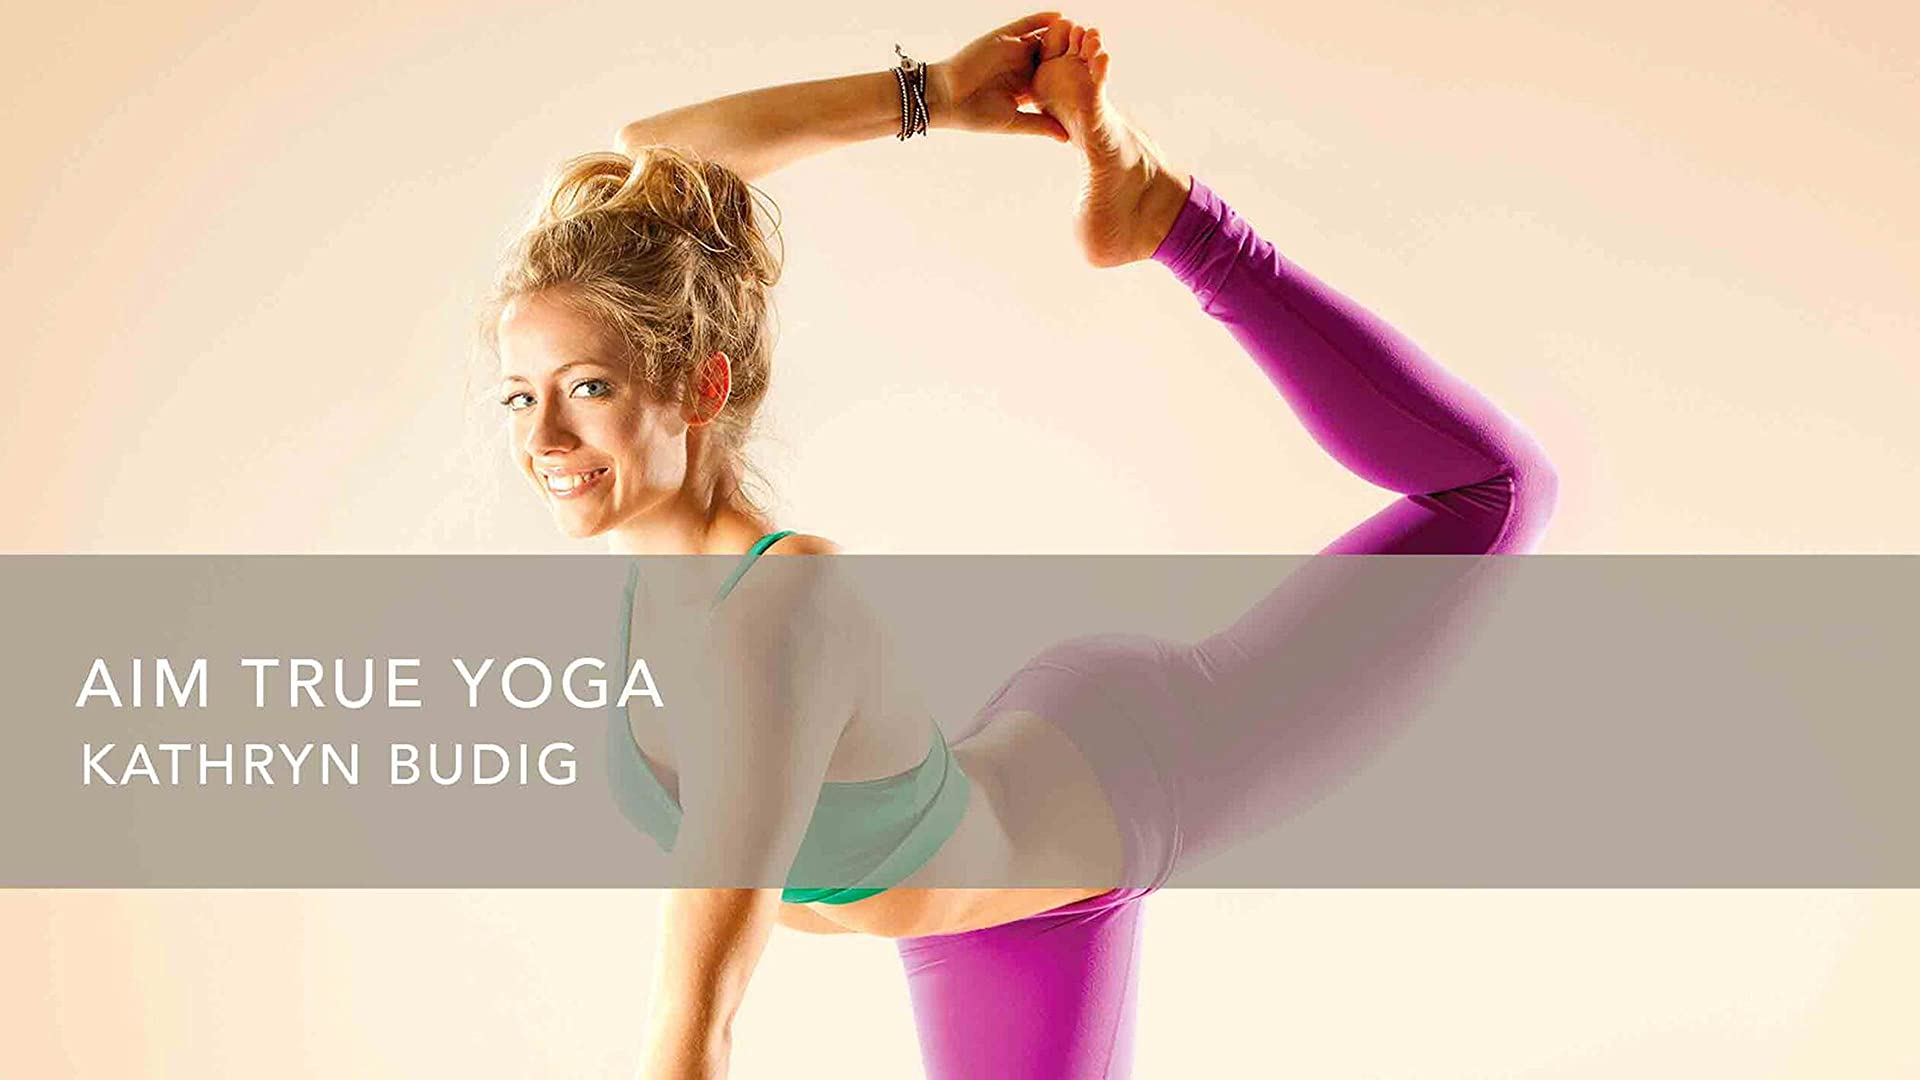 Gaiam: Kathryn Budig Aim True Yoga